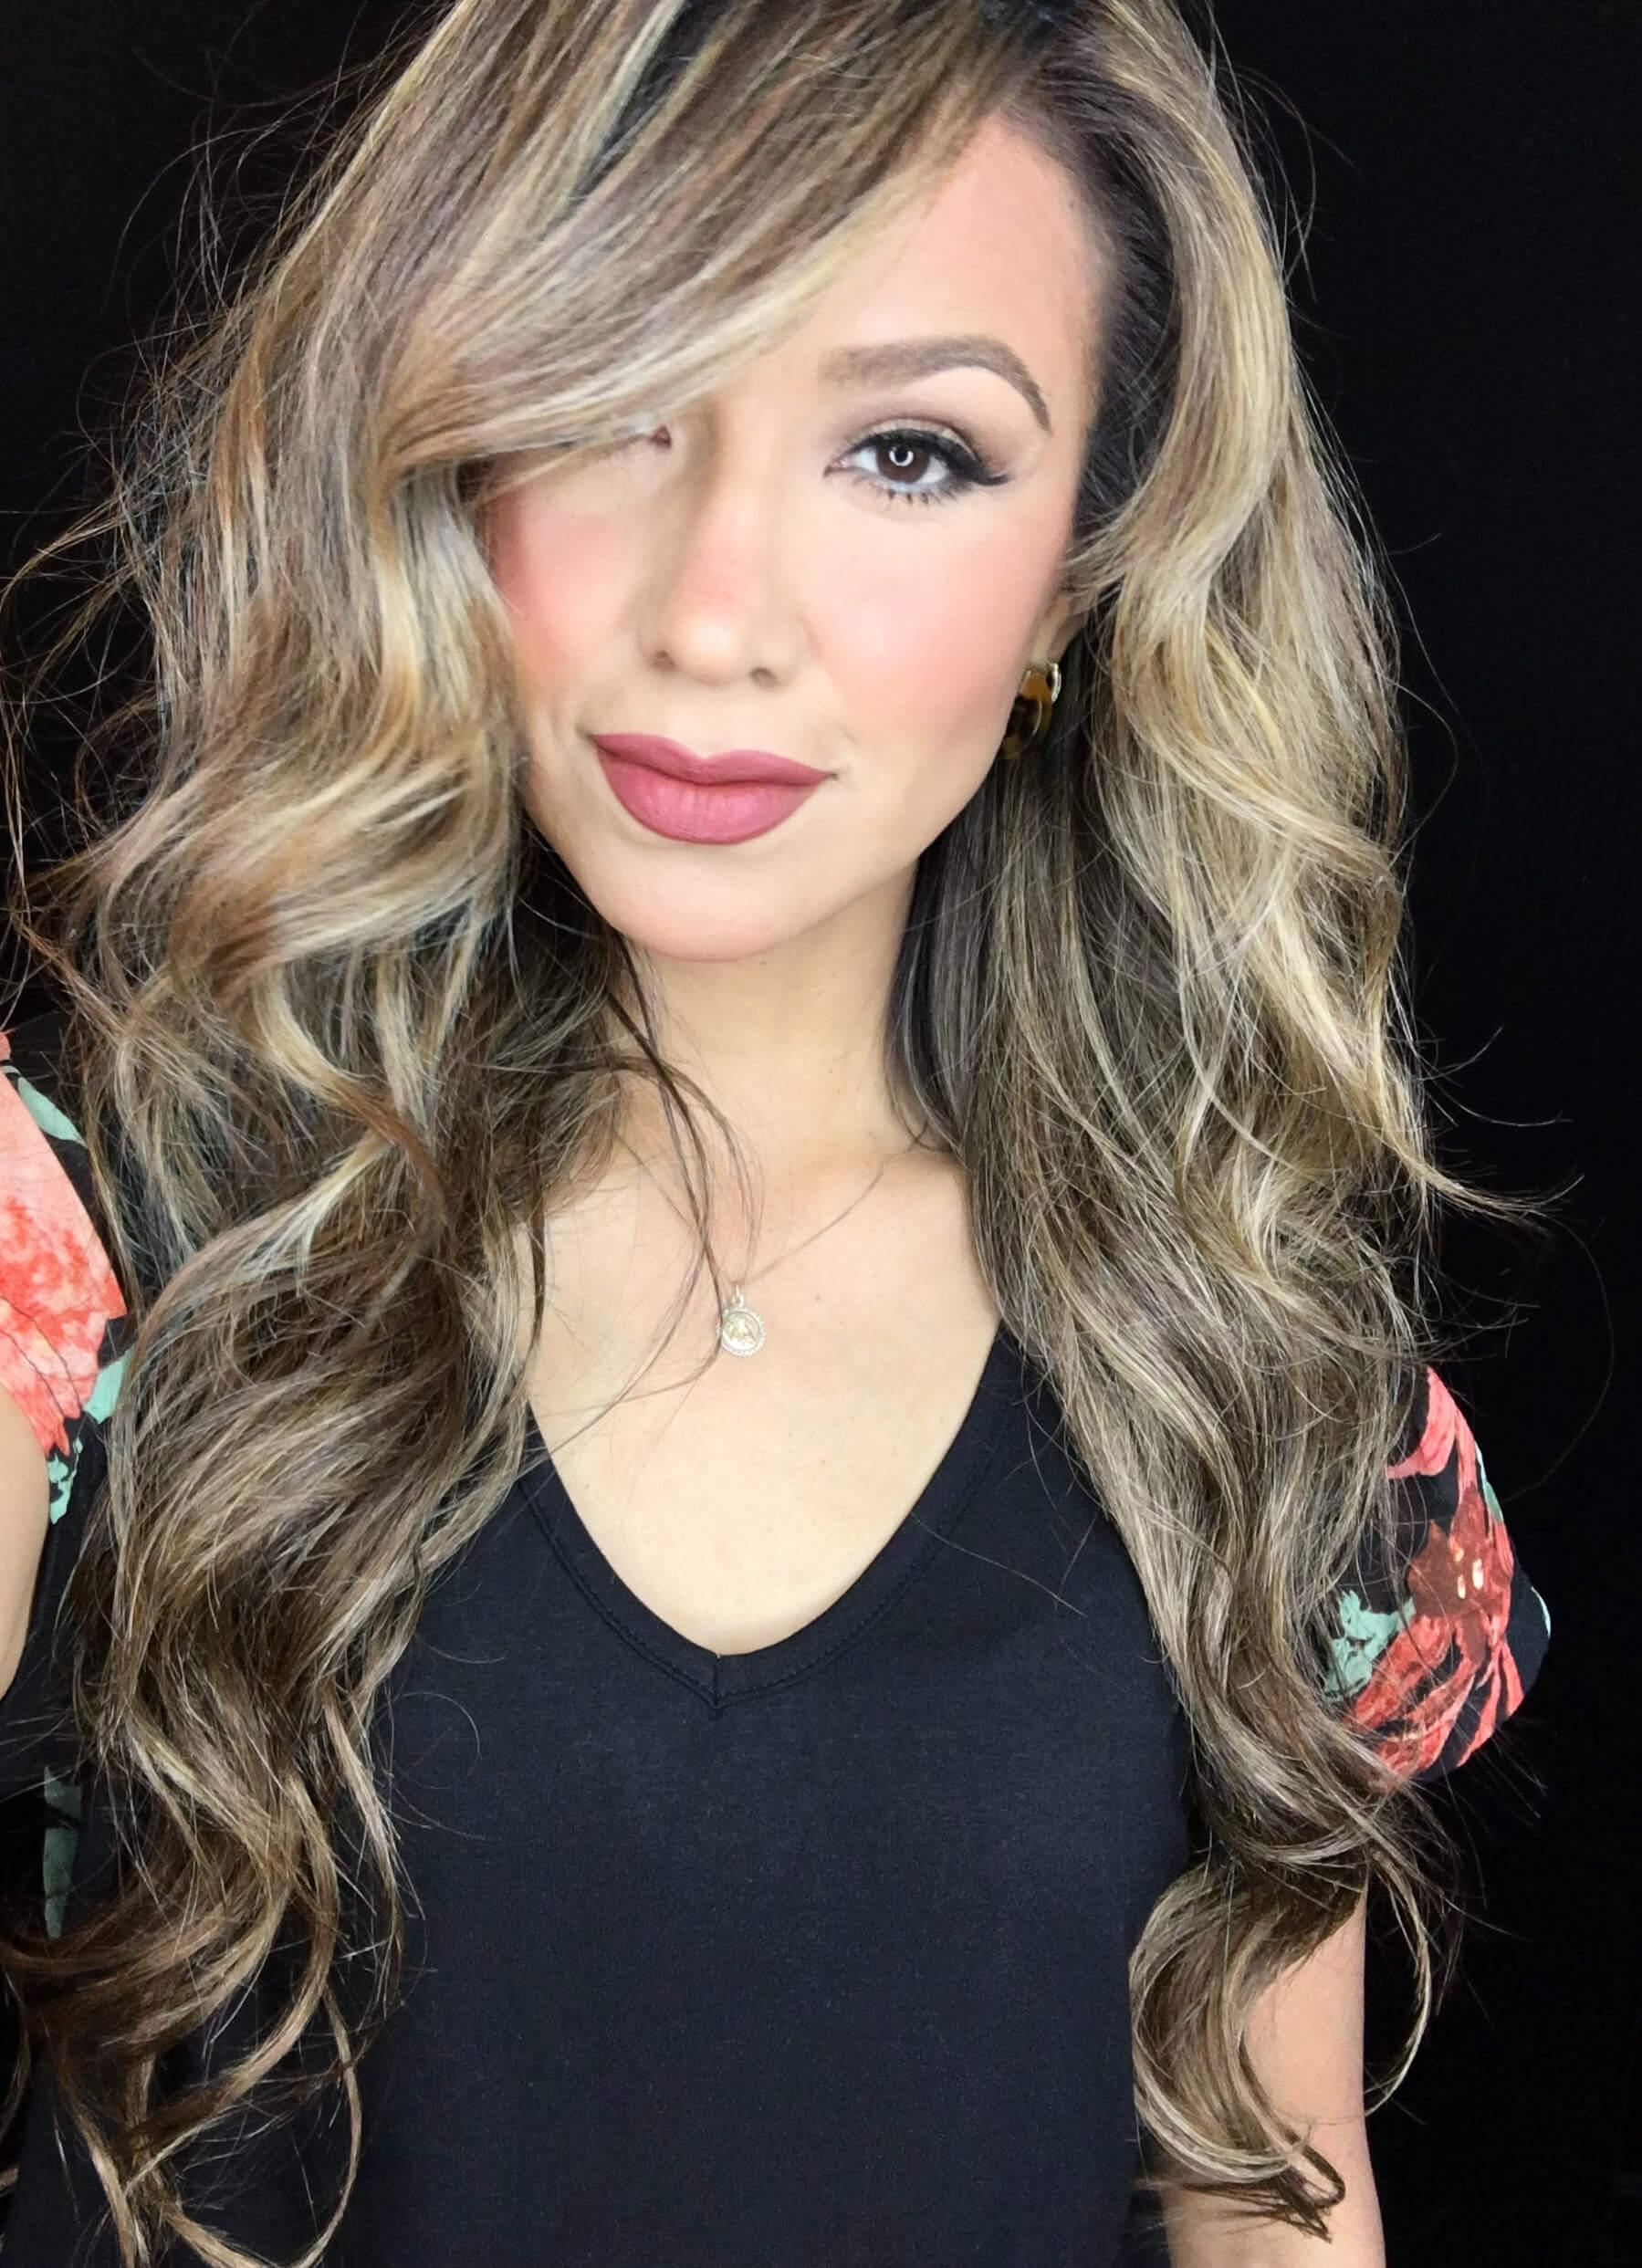 Hair_front selfie